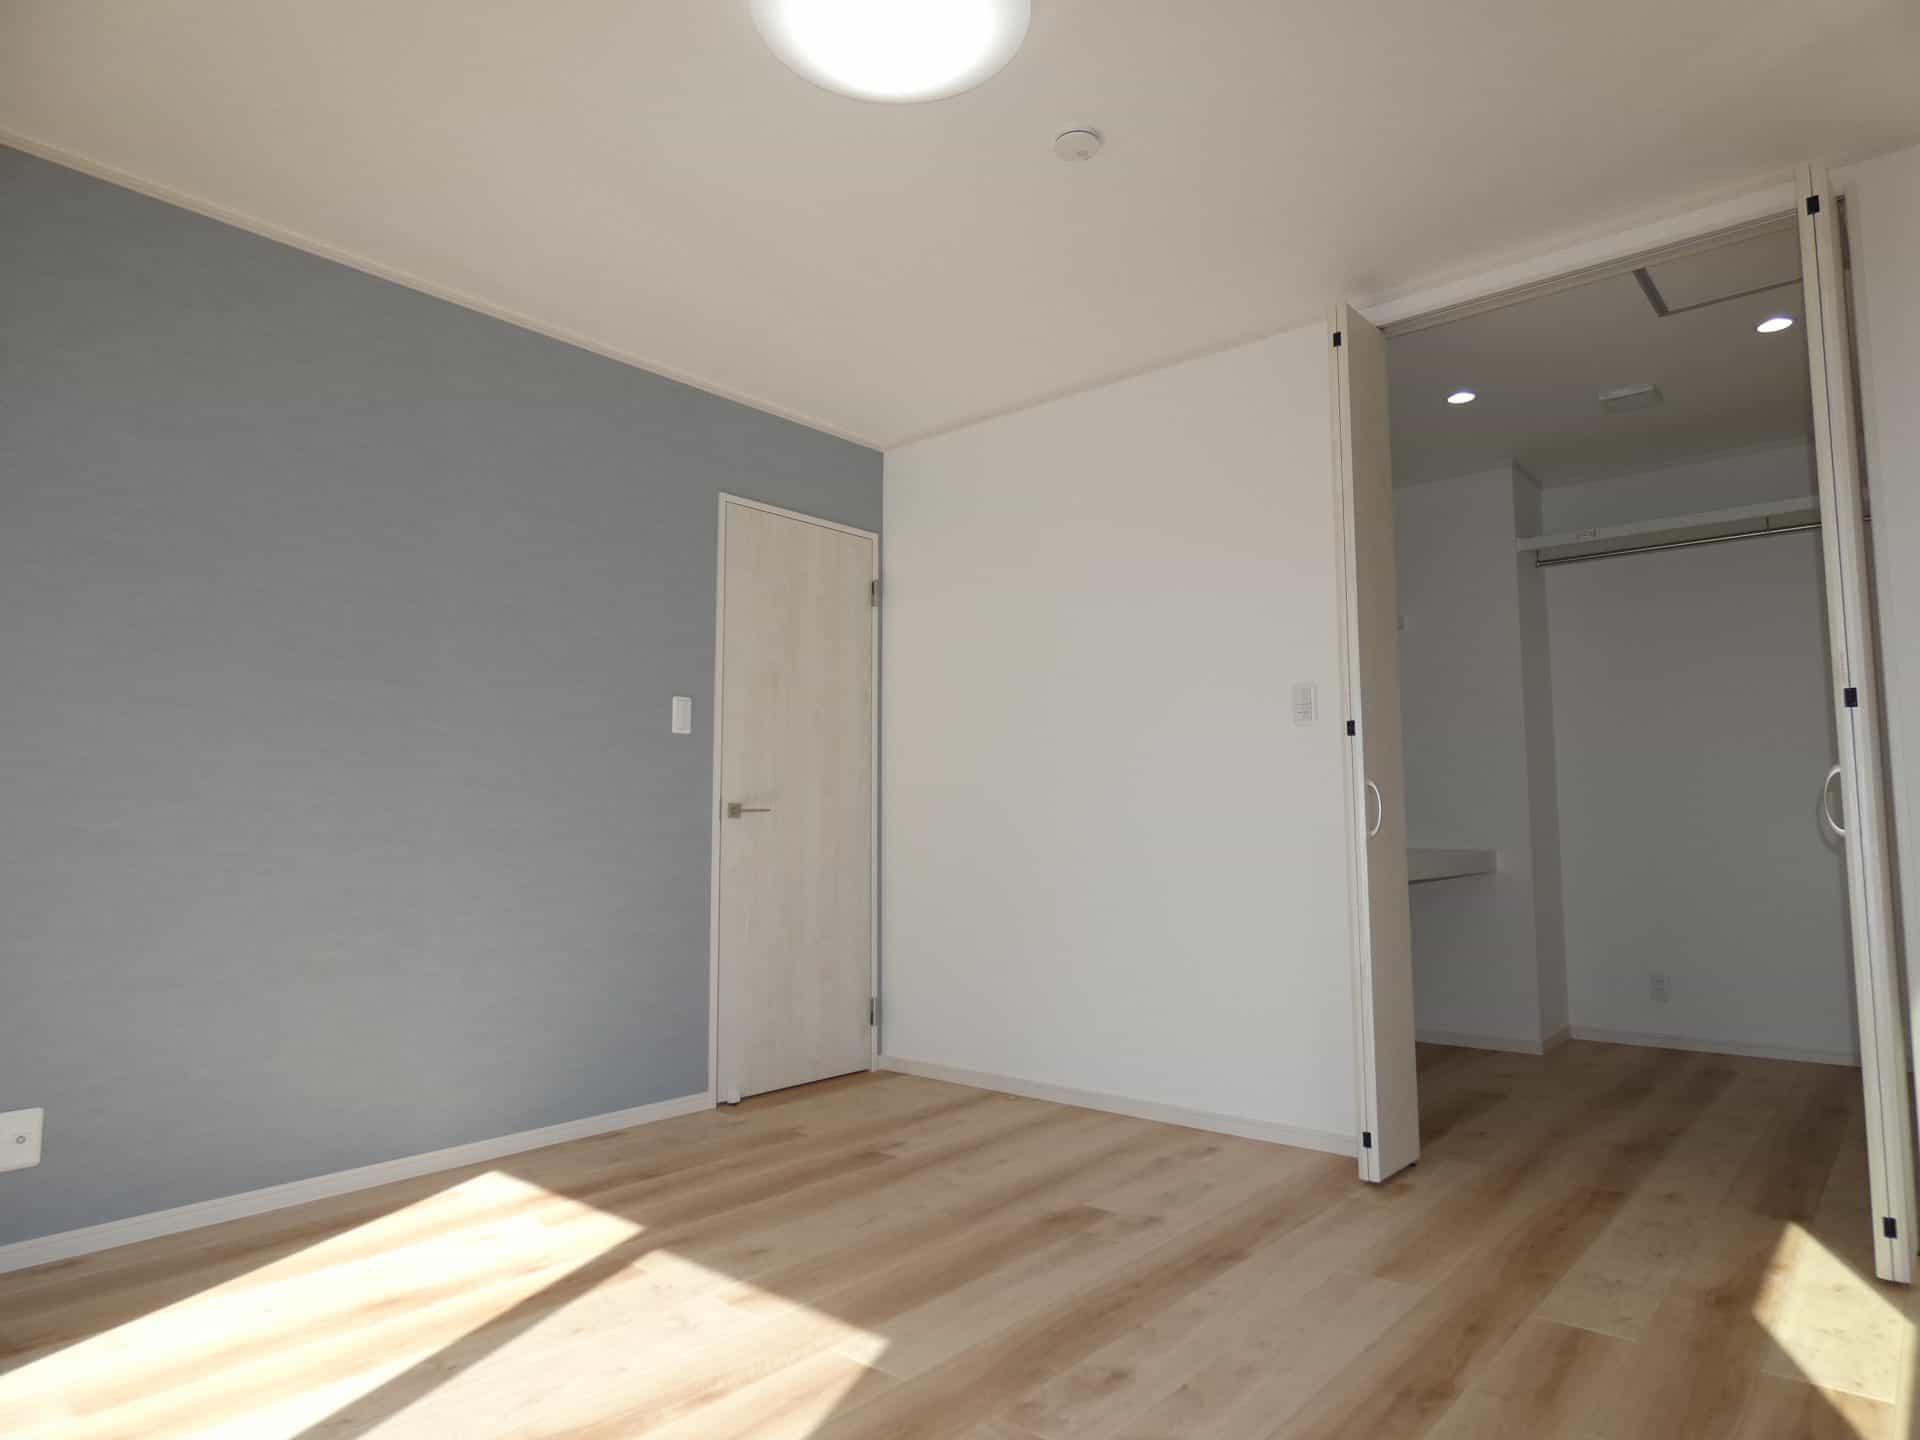 2階居室①